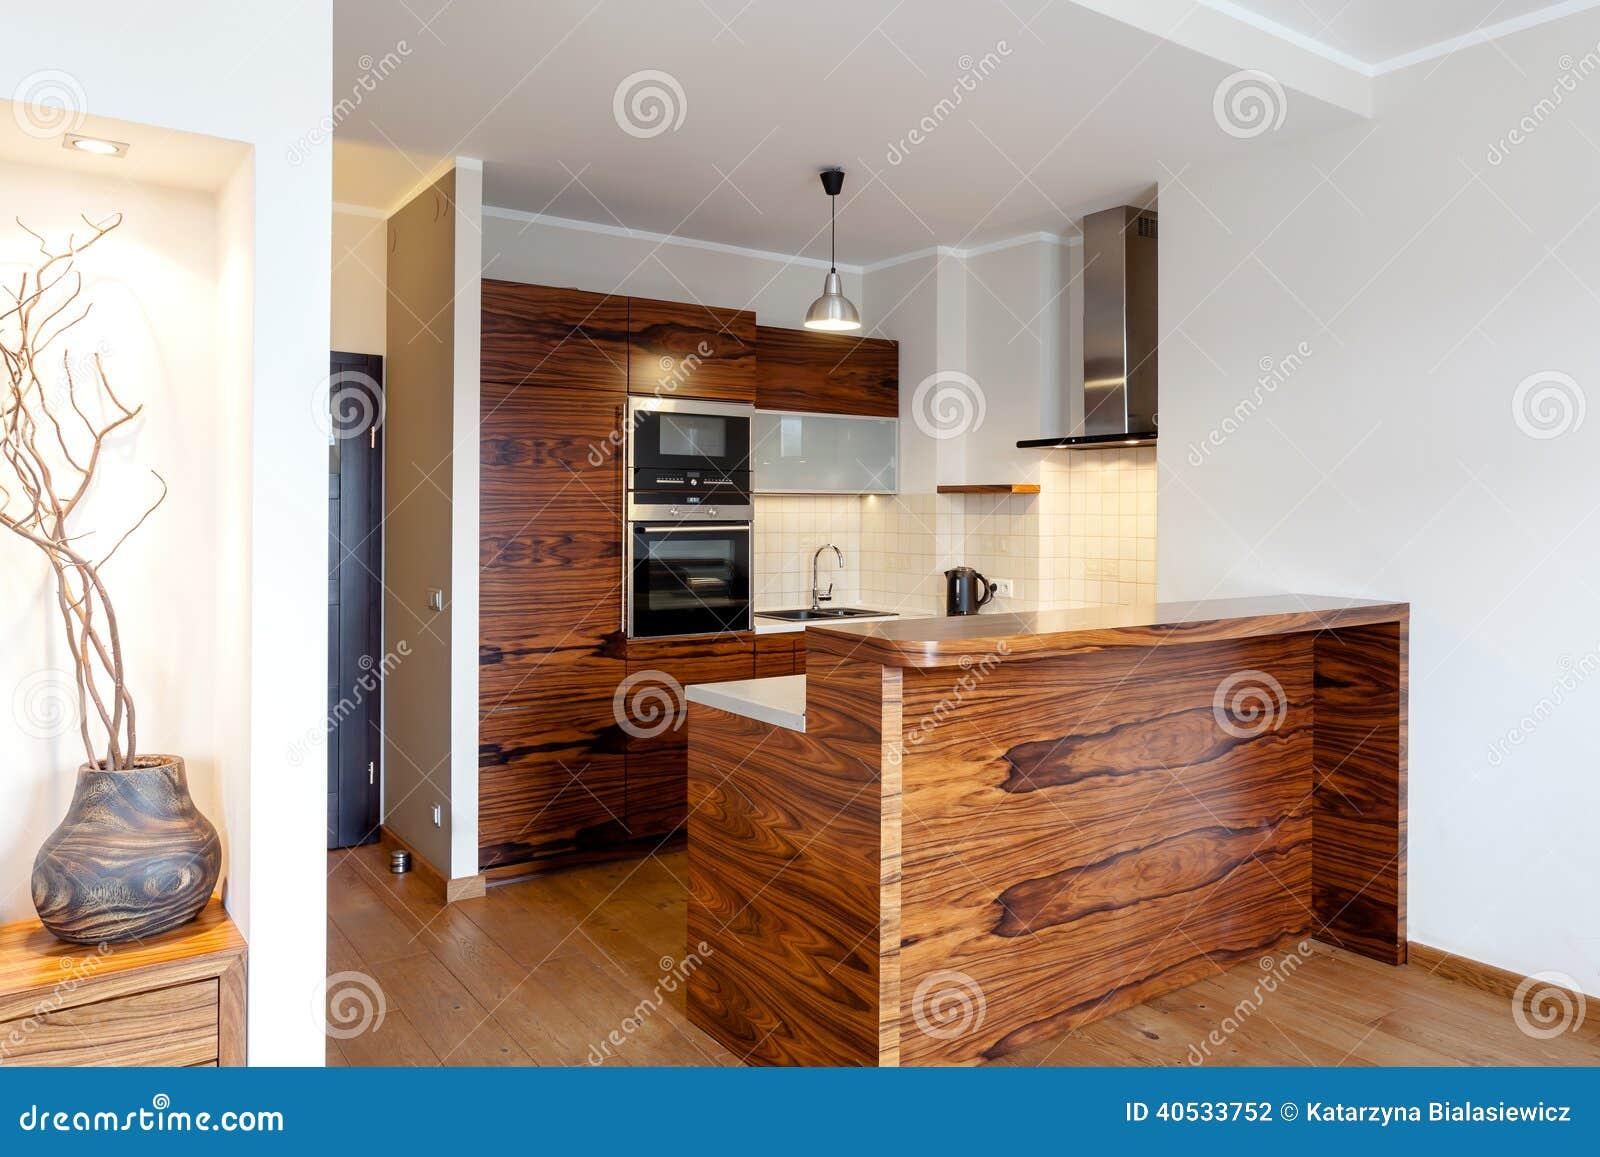 Houten bar in keuken stock foto afbeelding bestaande uit for Barras de madera para cocina